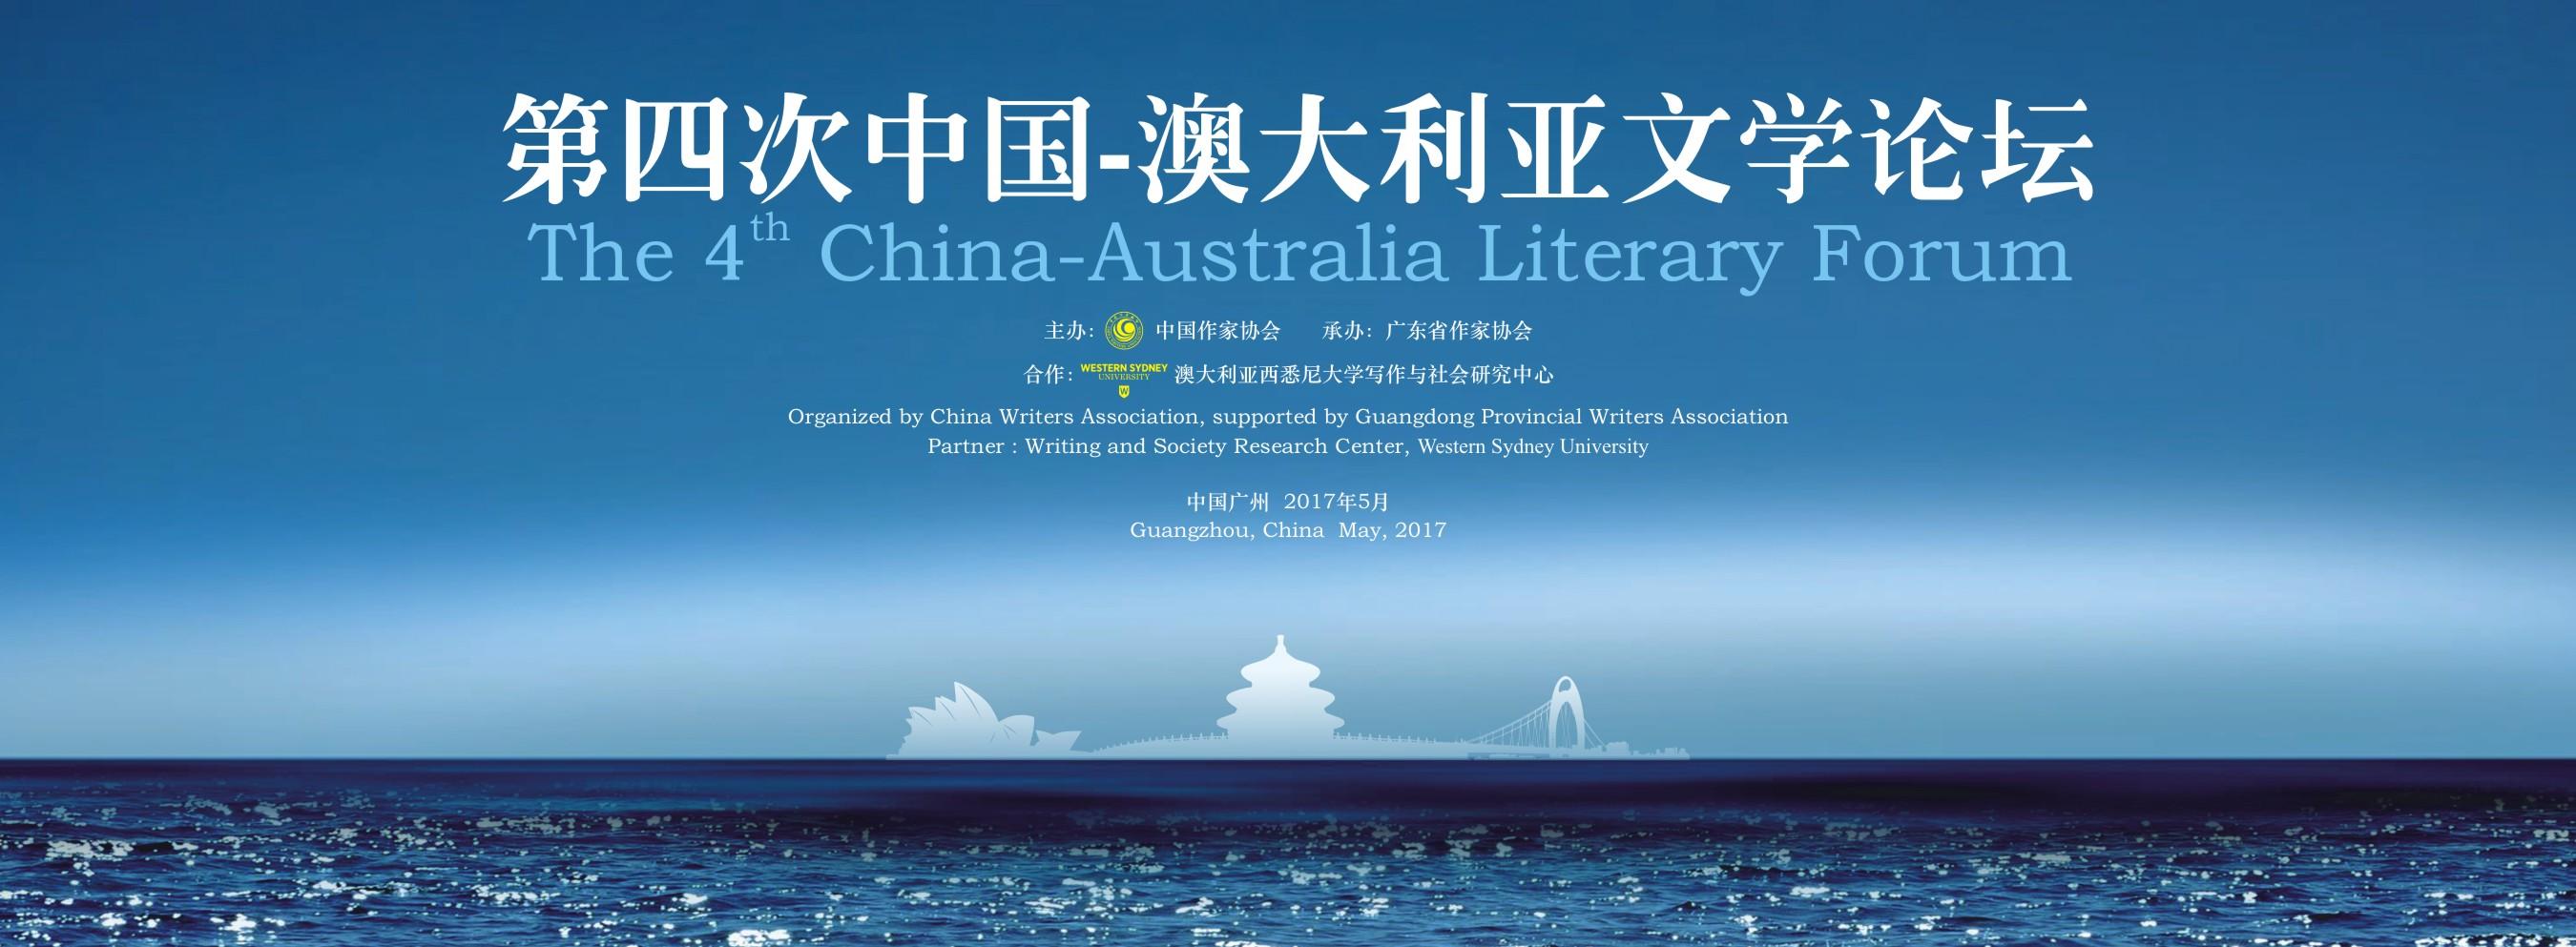 第四次中澳文学论坛在广州举行